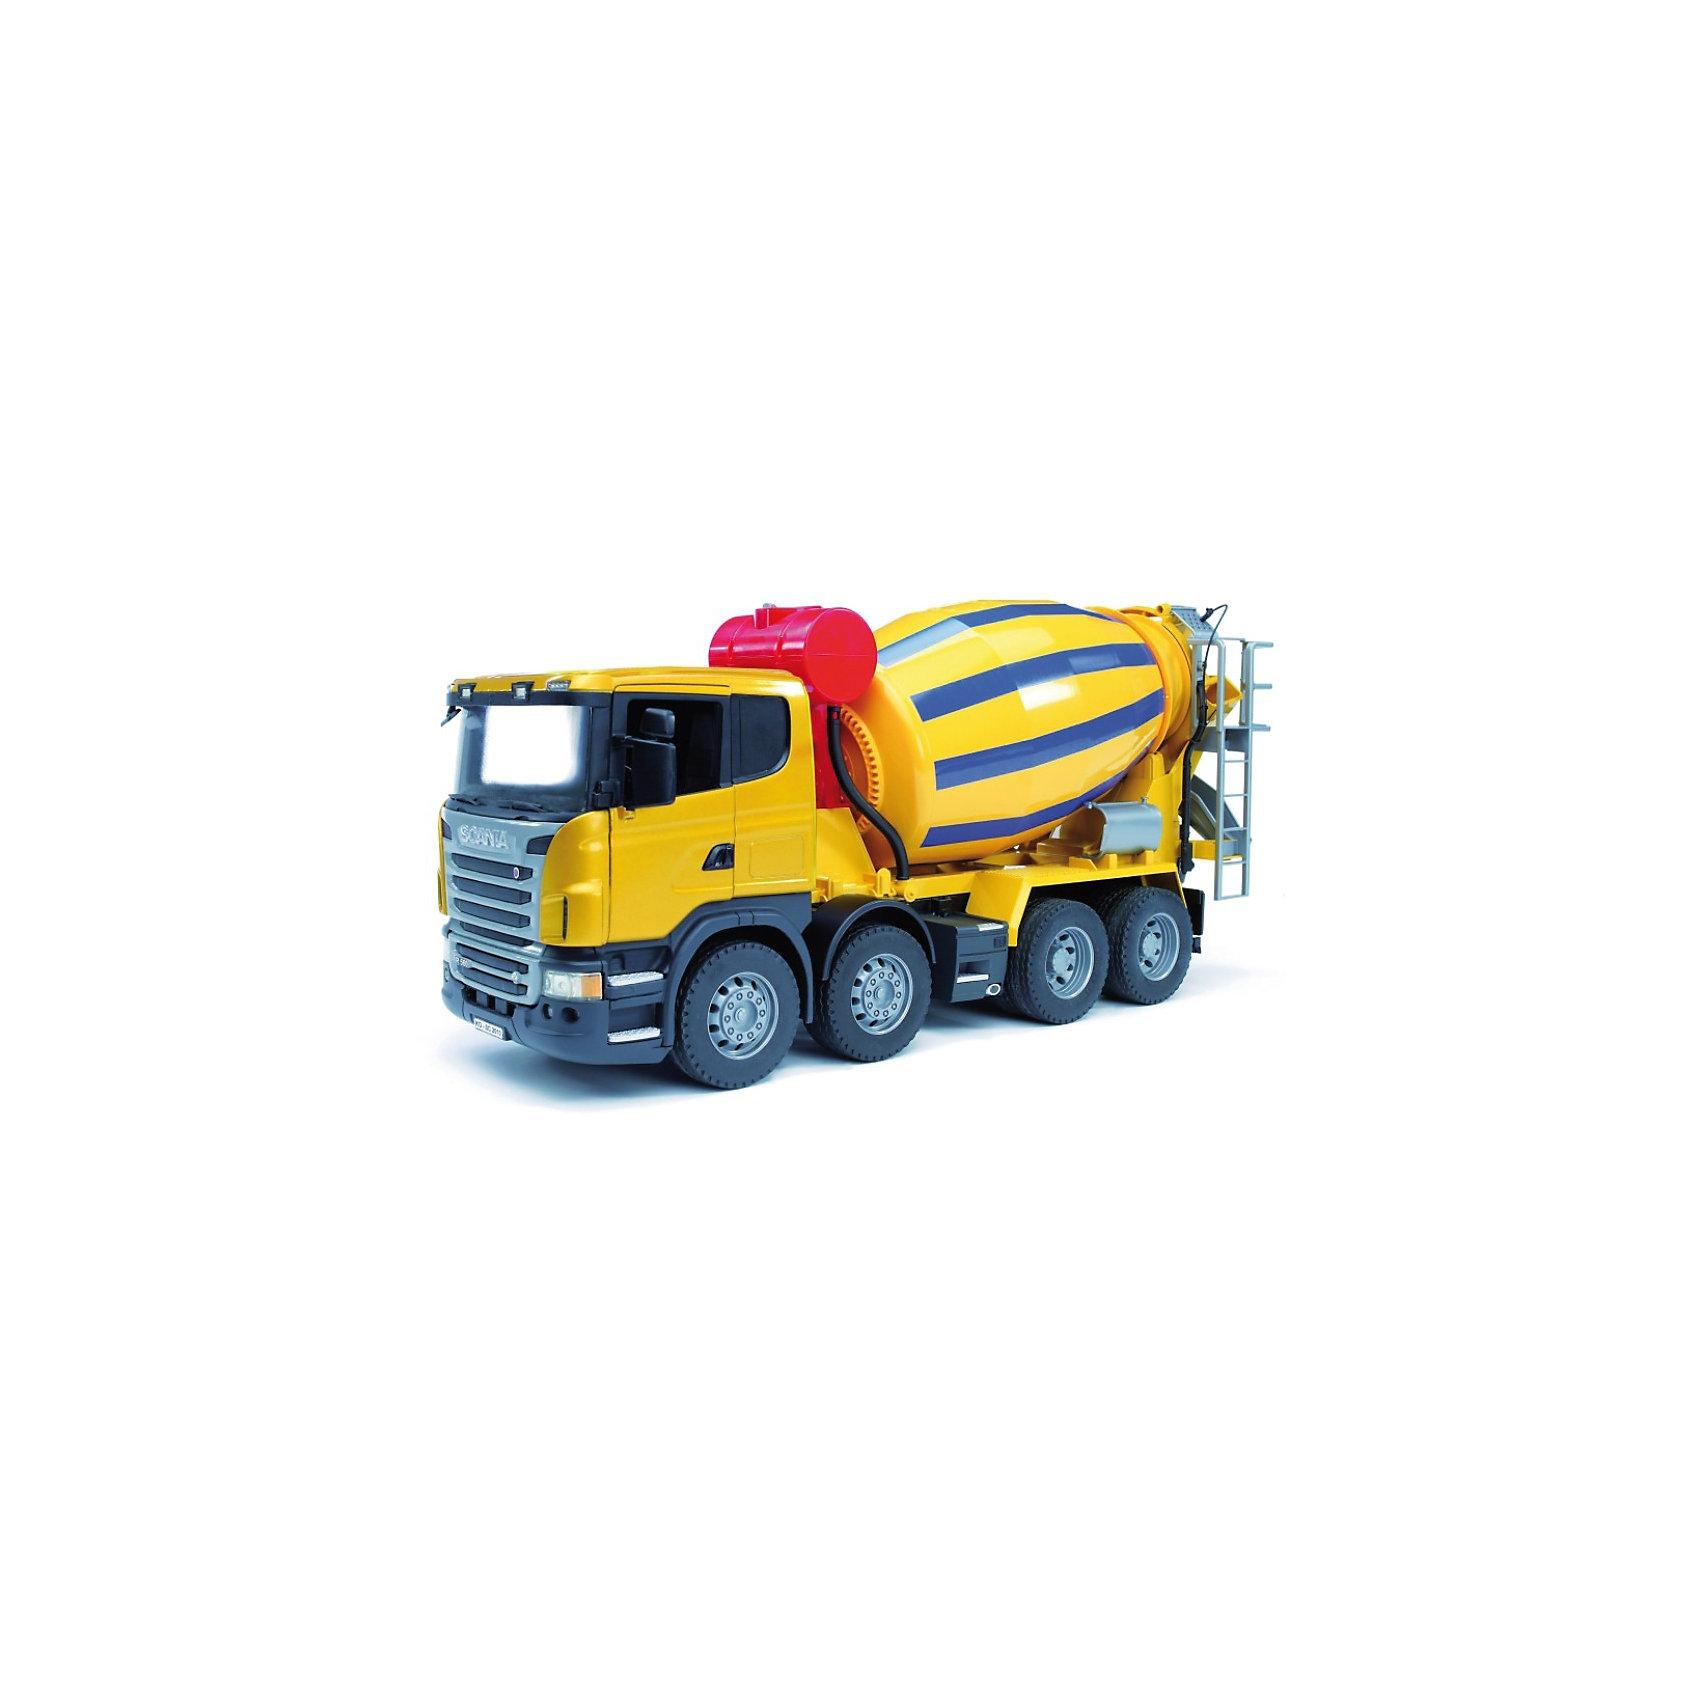 Бетономешалка Scania, BruderКоллекционные модели<br>Бетономешалка Scania (цвет жёлто-синий) Bruder со множеством функций как у настоящей строительной техники вызовет восторг как у малышей, так и у детей постарше. Автотехника Брудер отличается высоким качеством исполнения и проработкой всех деталей и представляет для ребенка большую познавательную ценность.<br><br>Кабина водителя, застекленная прозрачным пластиком оборудована вращающимся рулем (на управление не влияет), складными зеркалами и декоративными рычагами управления, двери открываются. Кабина бетономешалки откидывается, предоставляя  доступа к мощному двигателю.<br><br>Барабан бетономешалки вращается при помощи рукоятки, в него можно засыпать и смешивать сыпучие вещества, полученная смесь высыпается по желобу для раствора сзади машины. Желоб удлиняется до пола и поворачивается на 180°. За кабиной водителя размещен декоративный бак для воды с крышкой (наполнение водой не предусмотрено). Задняя часть машины оборудована лесенкой с площадкой и декоративным шлангом с насадкой.<br> <br>Колёса бетономешалки резиновые с протекторами.<br><br>Дополнительная информация:<br><br>- Материал: высококачественный пластик, резина. <br>- Размер игрушки:  57,5 x 18,5 x 27,3 см. <br>- Размер упаковки: 58 х 19,5 х 28,5 см.<br>- Вес: 2,4 кг.<br><br>Игровая техника Брудер развивает у ребенка логическое мышление и воображение, мелкую моторику, зрительное восприятие и память.<br><br>Бетономешалка Scania Bruder можно купить в нашем интернет-магазине.<br><br>Ширина мм: 671<br>Глубина мм: 292<br>Высота мм: 198<br>Вес г: 2725<br>Возраст от месяцев: 36<br>Возраст до месяцев: 96<br>Пол: Мужской<br>Возраст: Детский<br>SKU: 1999715